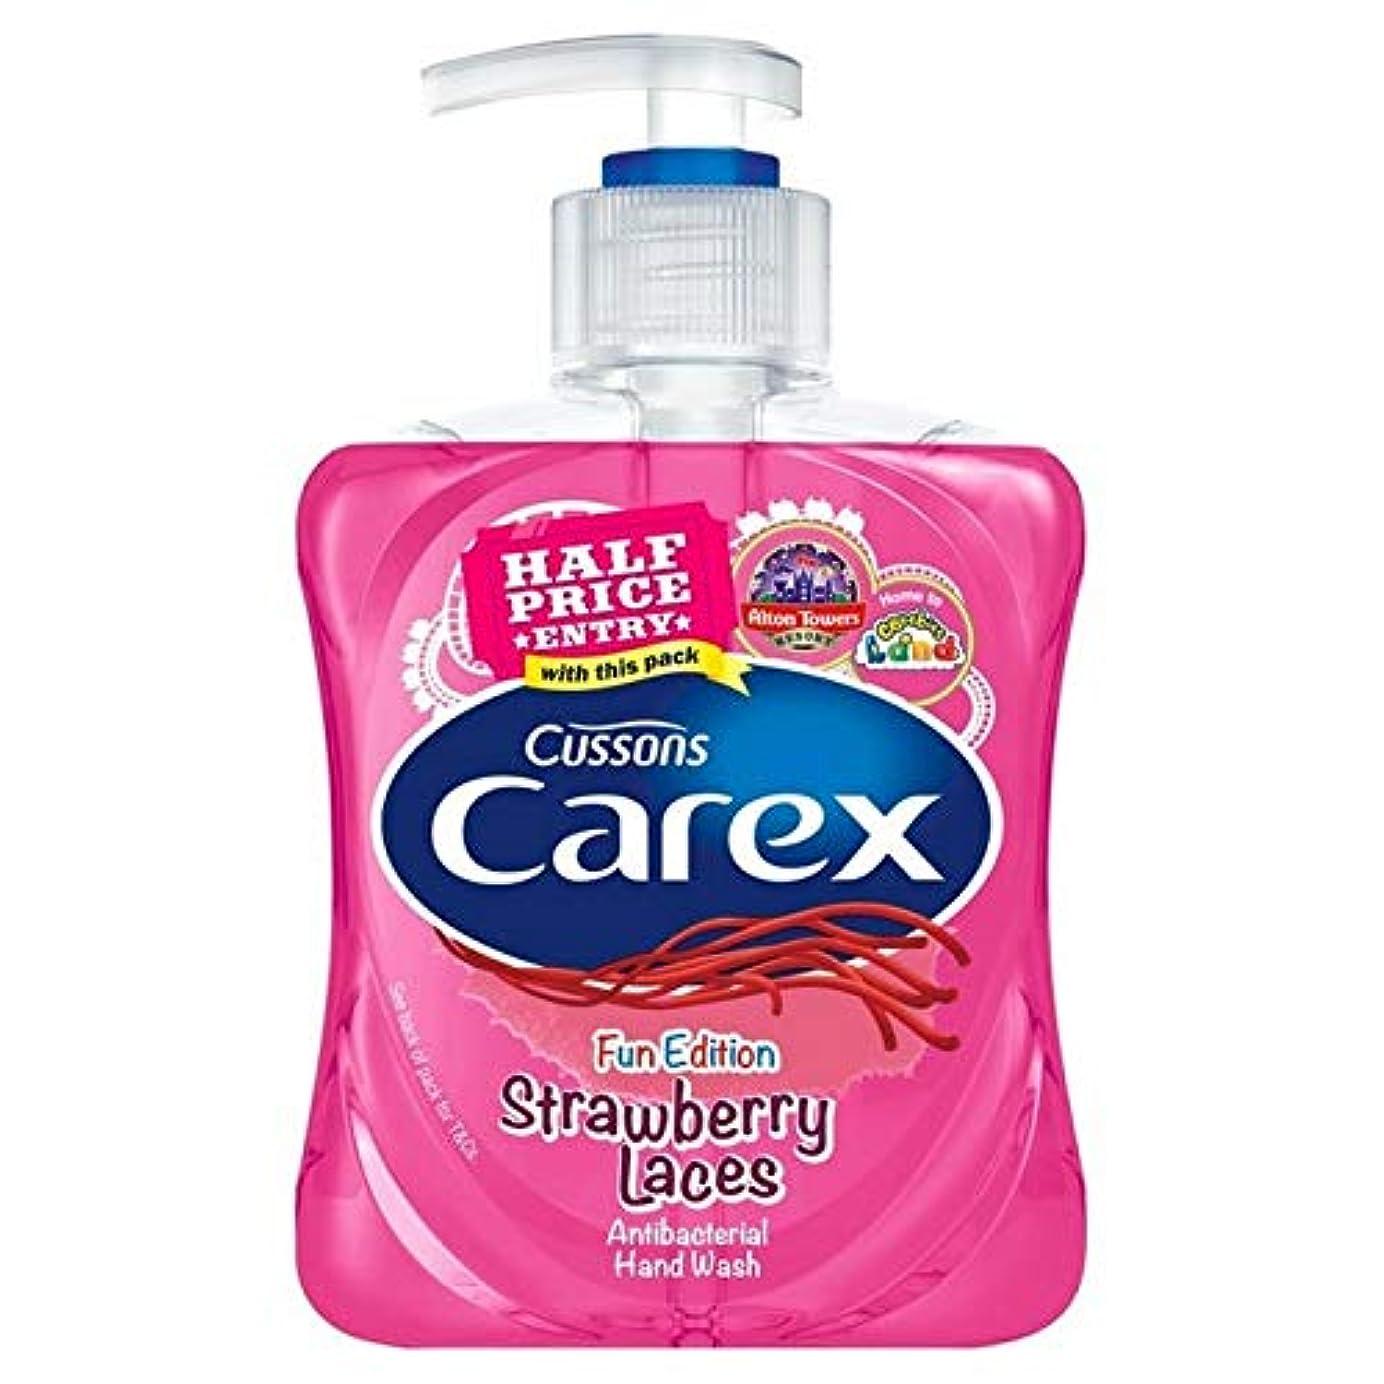 肯定的おなかがすいたがっかりする[Carex ] スゲ子供イチゴレースの手洗いの250ミリリットル - Carex Kids Strawberry Laces Handwash 250ml [並行輸入品]